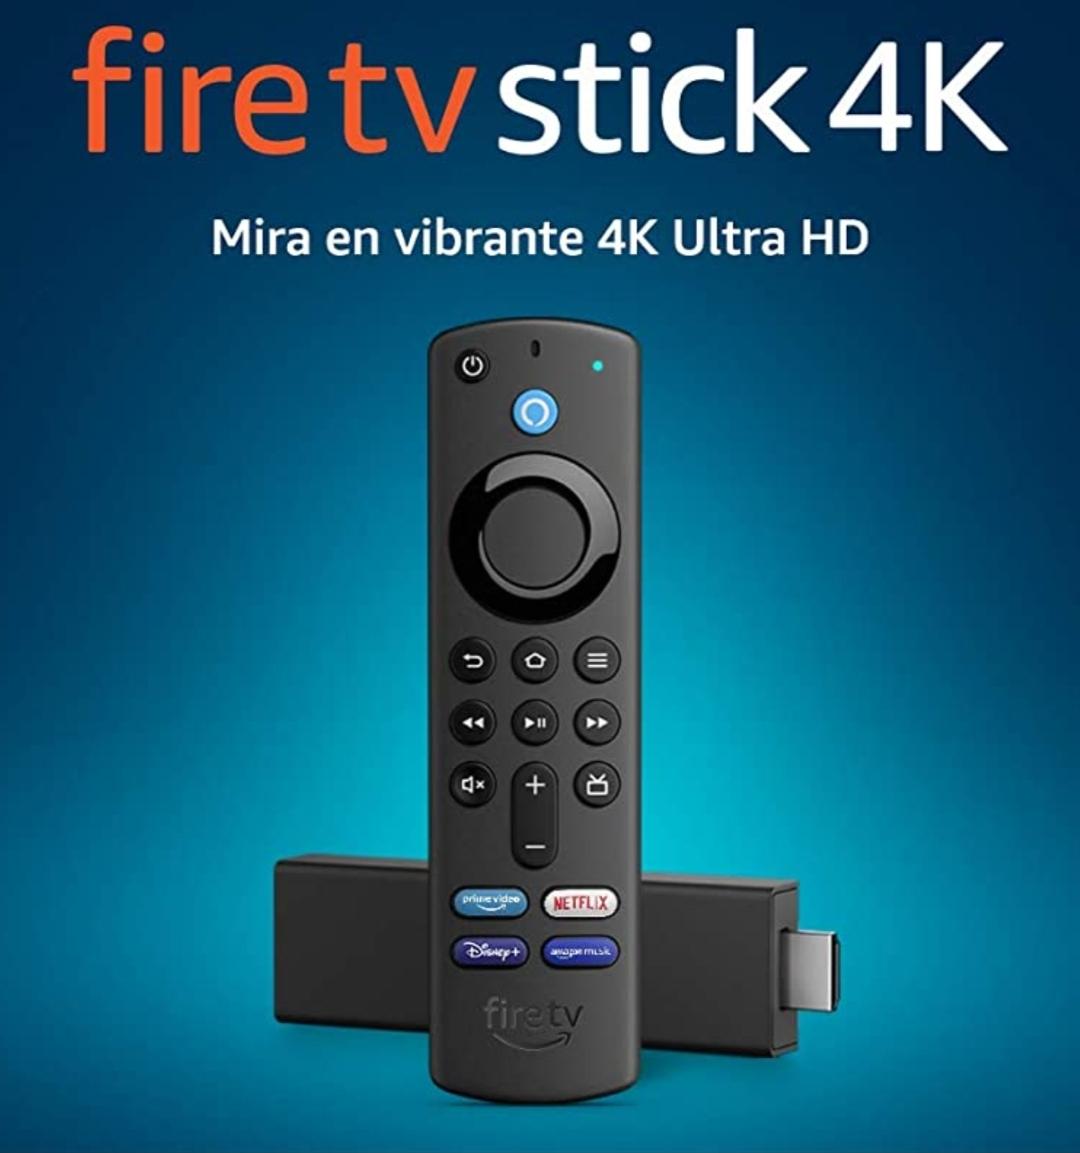 Chedraui: Fire TV Stick 4K con control remoto por voz Alexa (incluye control de TV) y Dolby Vision (pagando con HSBC)